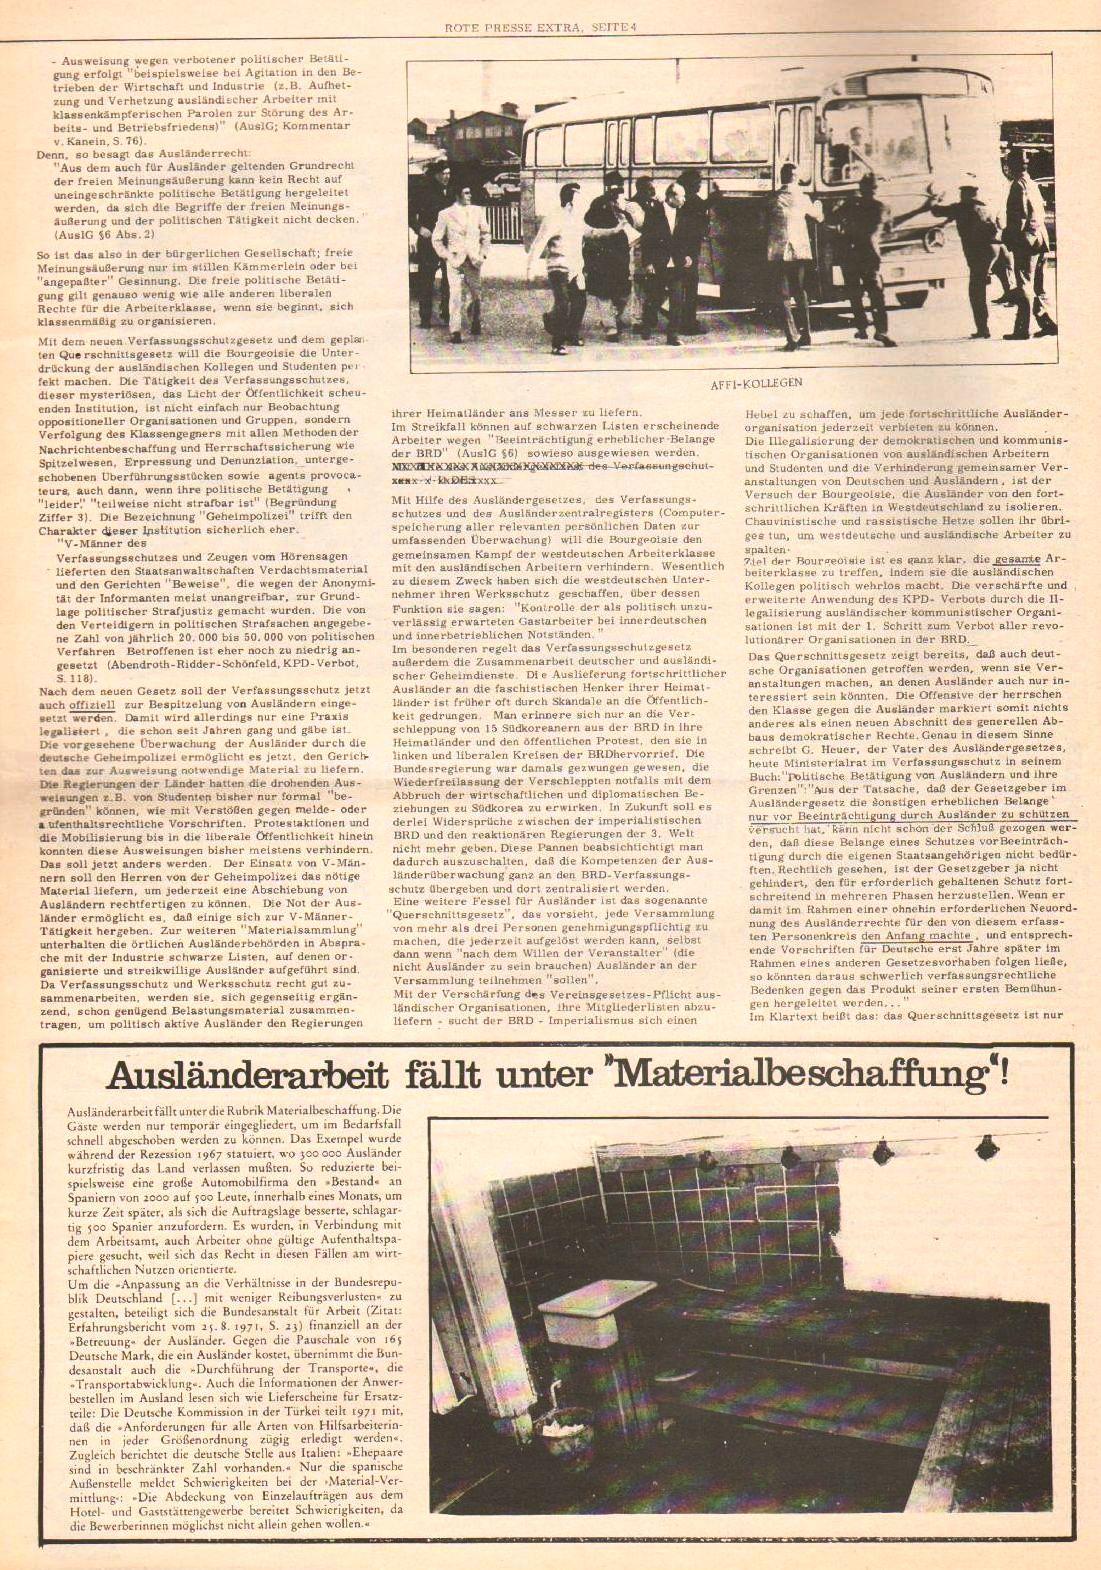 Hamburg_Rote_Presse028